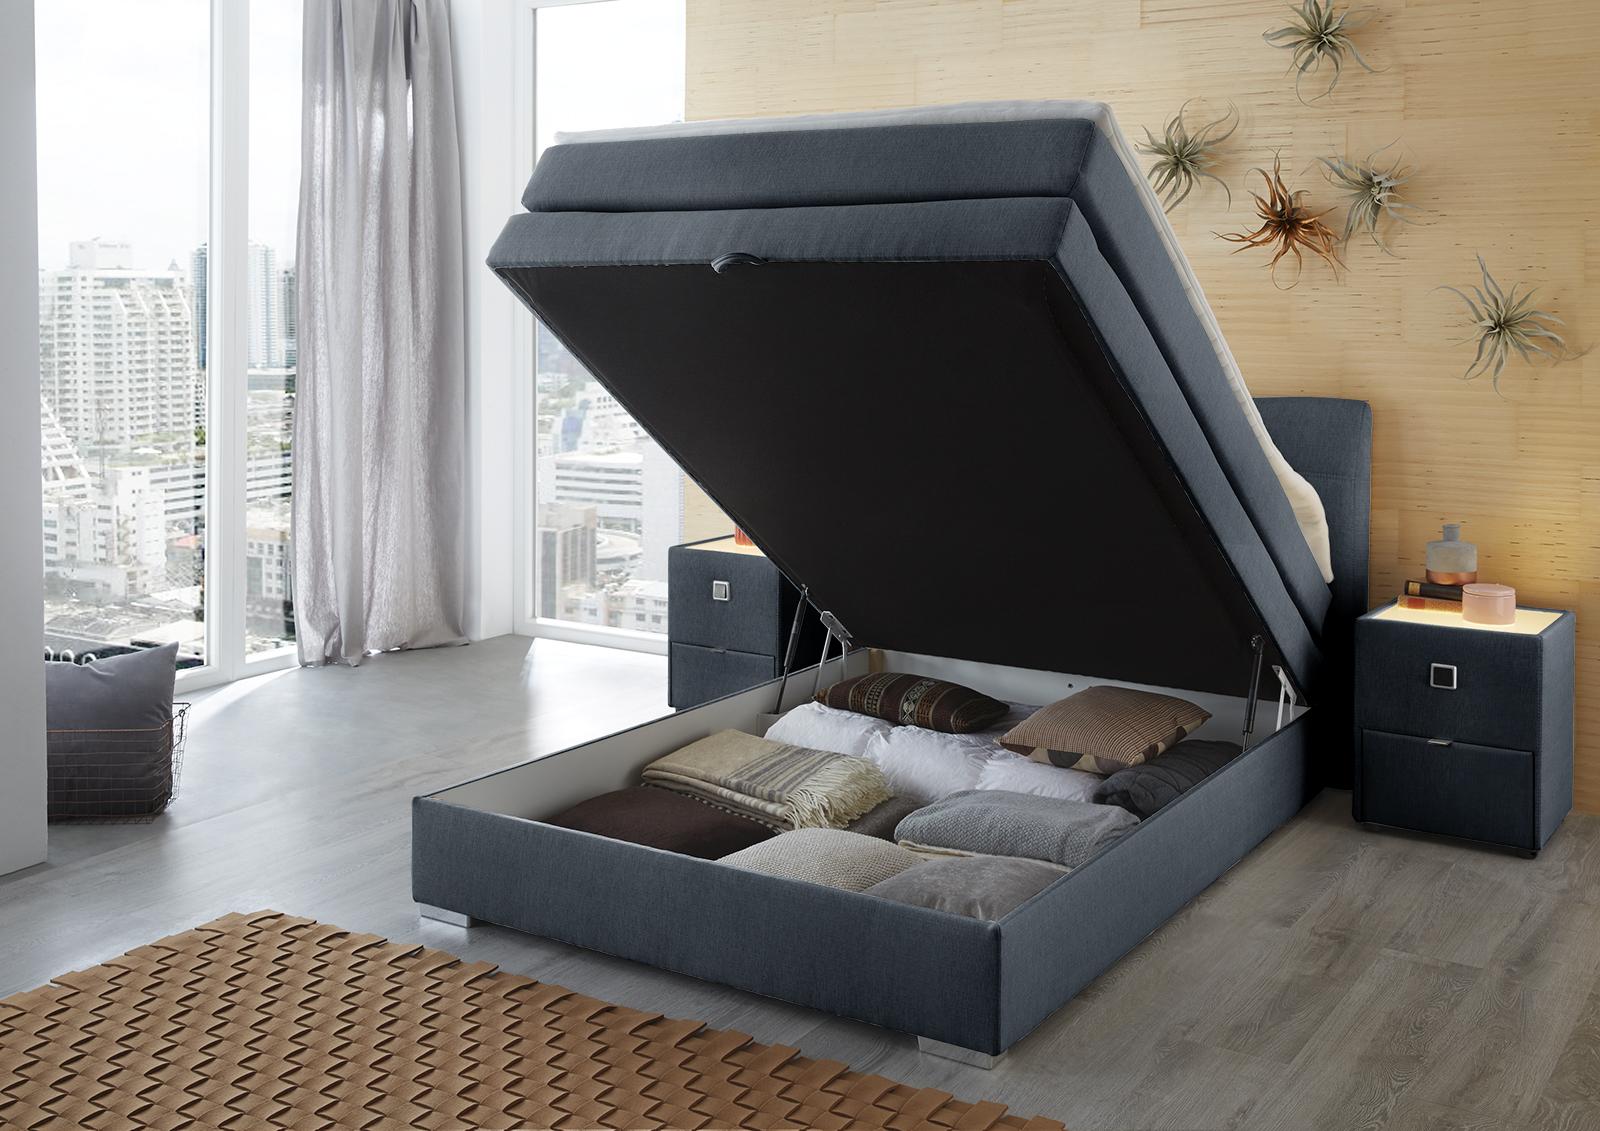 jockenh fer amelie boxspringbett mit liegefl che von ca 140 x 200 cm m bel letz ihr online shop. Black Bedroom Furniture Sets. Home Design Ideas